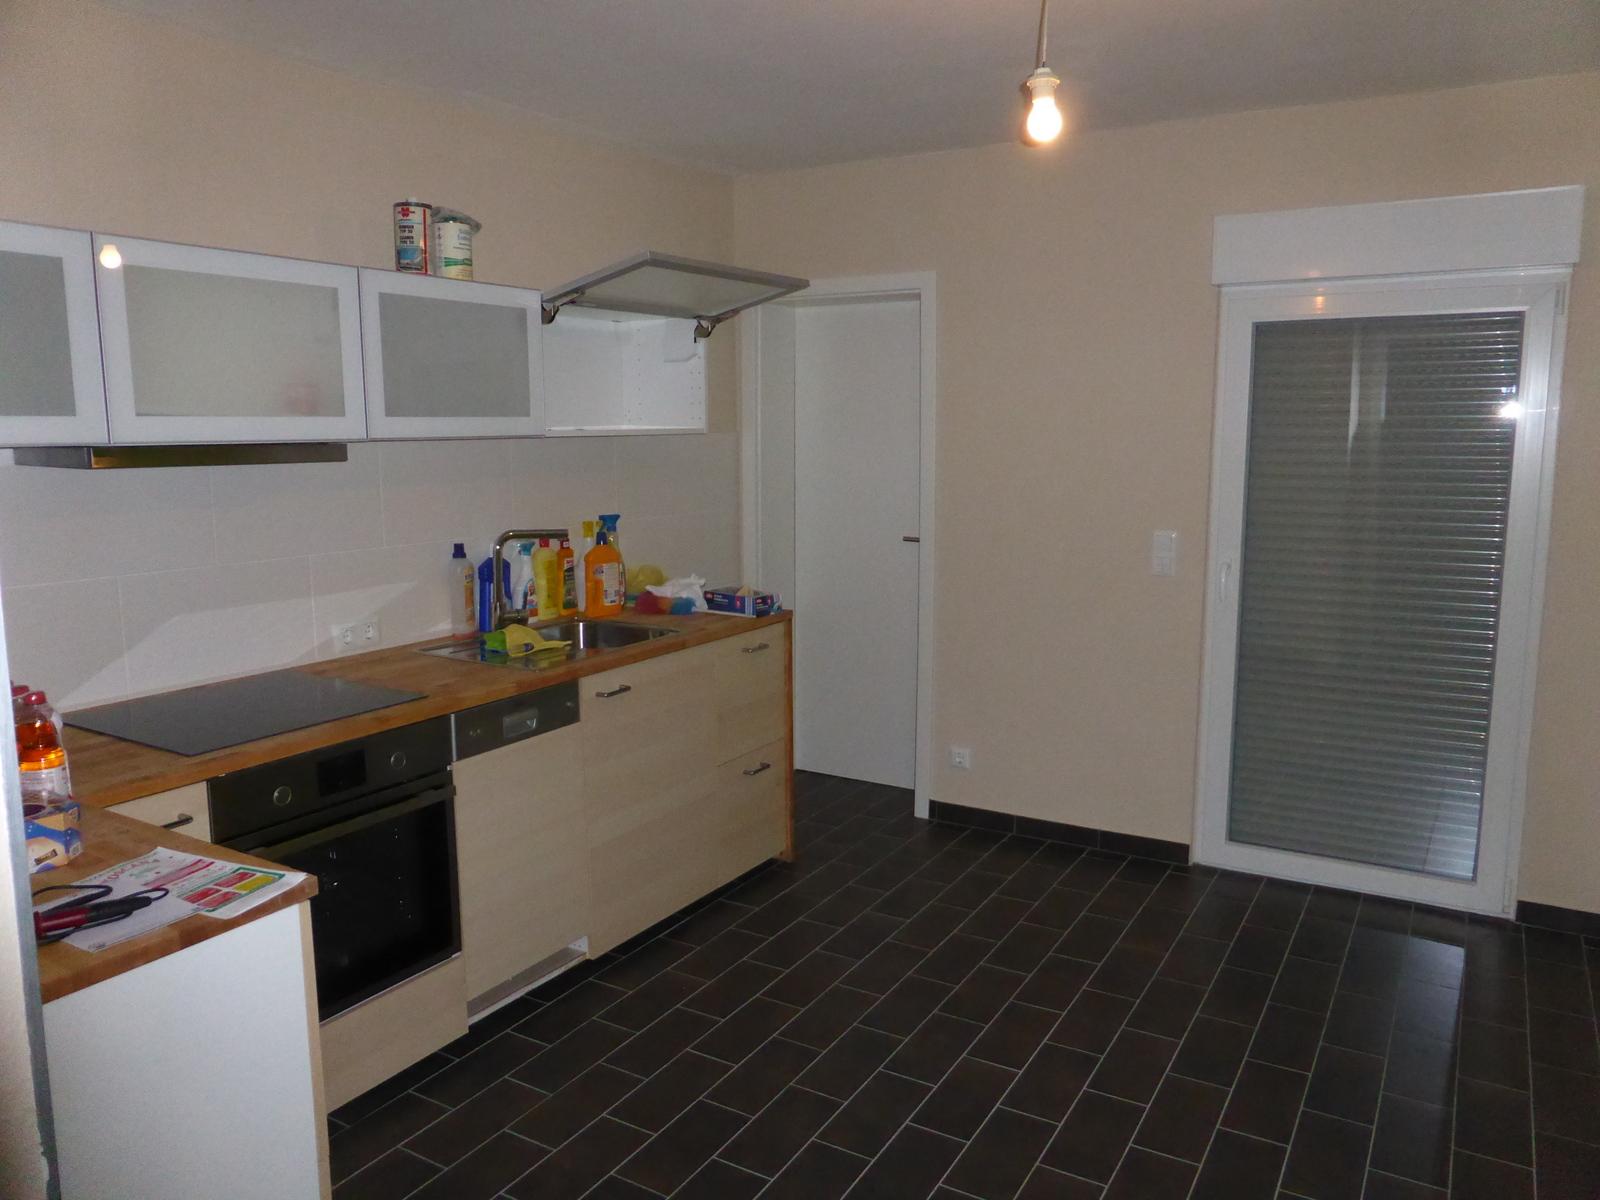 baustelle lorihaus es gibt immer was zu tun. Black Bedroom Furniture Sets. Home Design Ideas